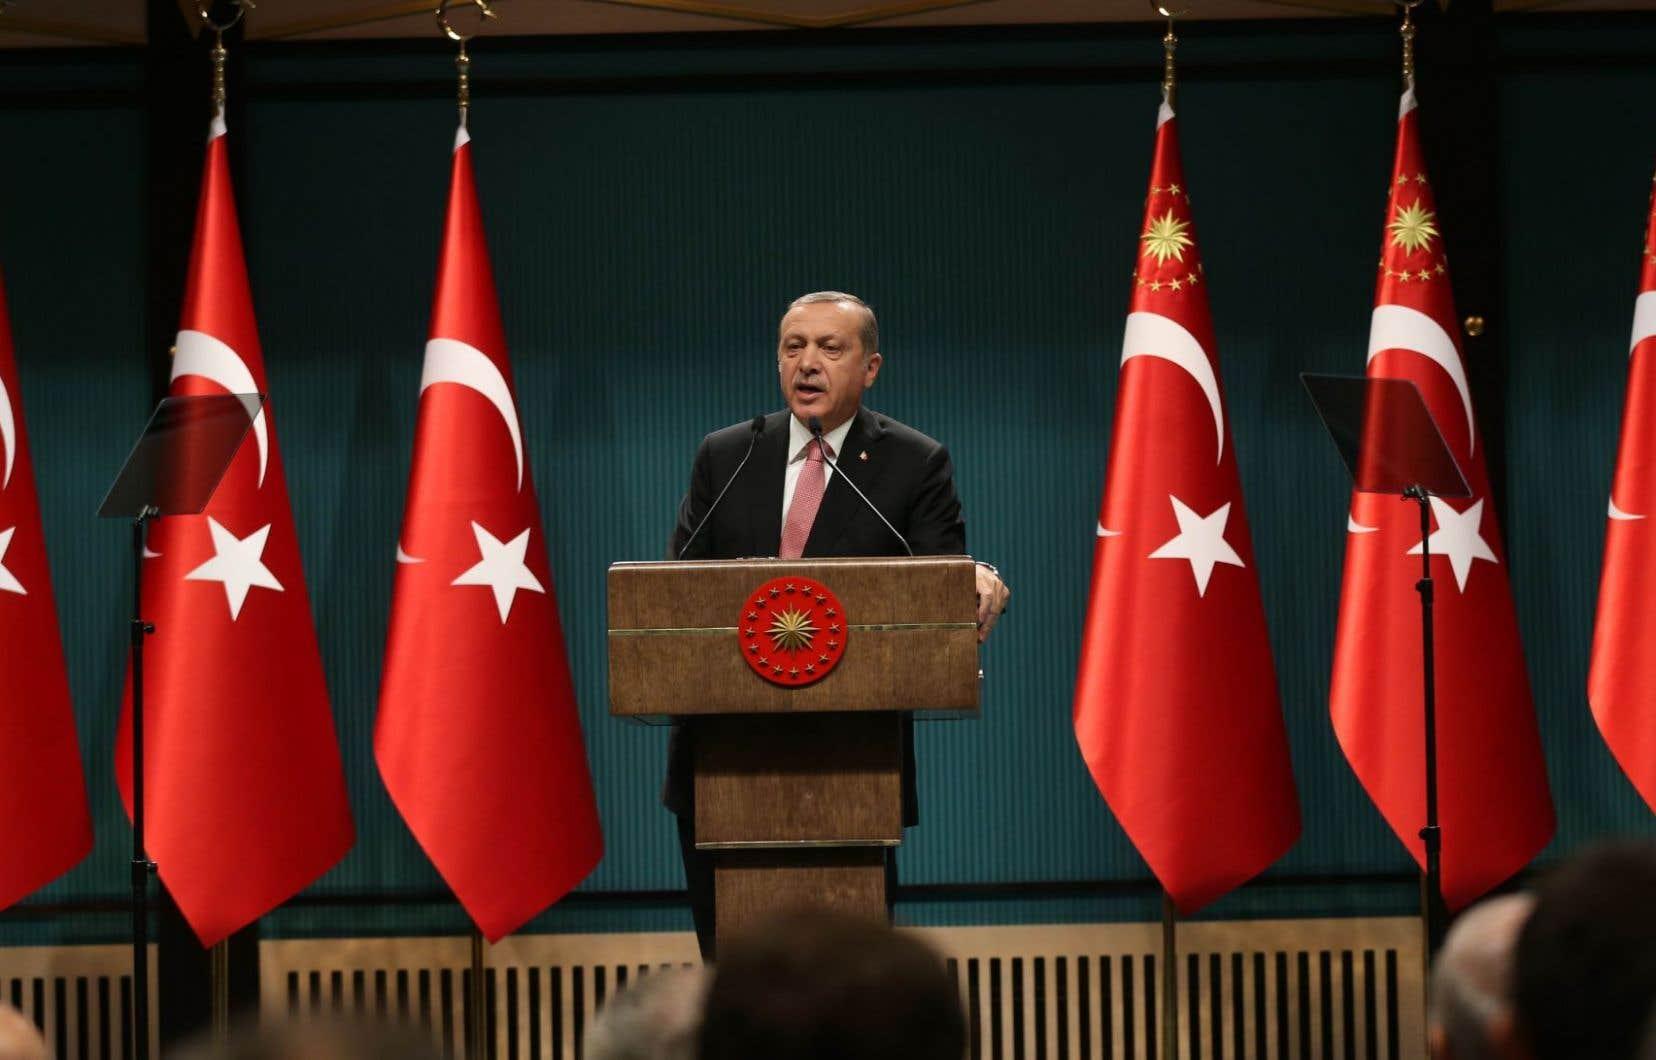 Après une purge de l'armée, de la police, des médias, de la magistrature et de la fonction publique, le président turc Recep Tayyip Erdogan s'attaque maintenant à l'éducation.